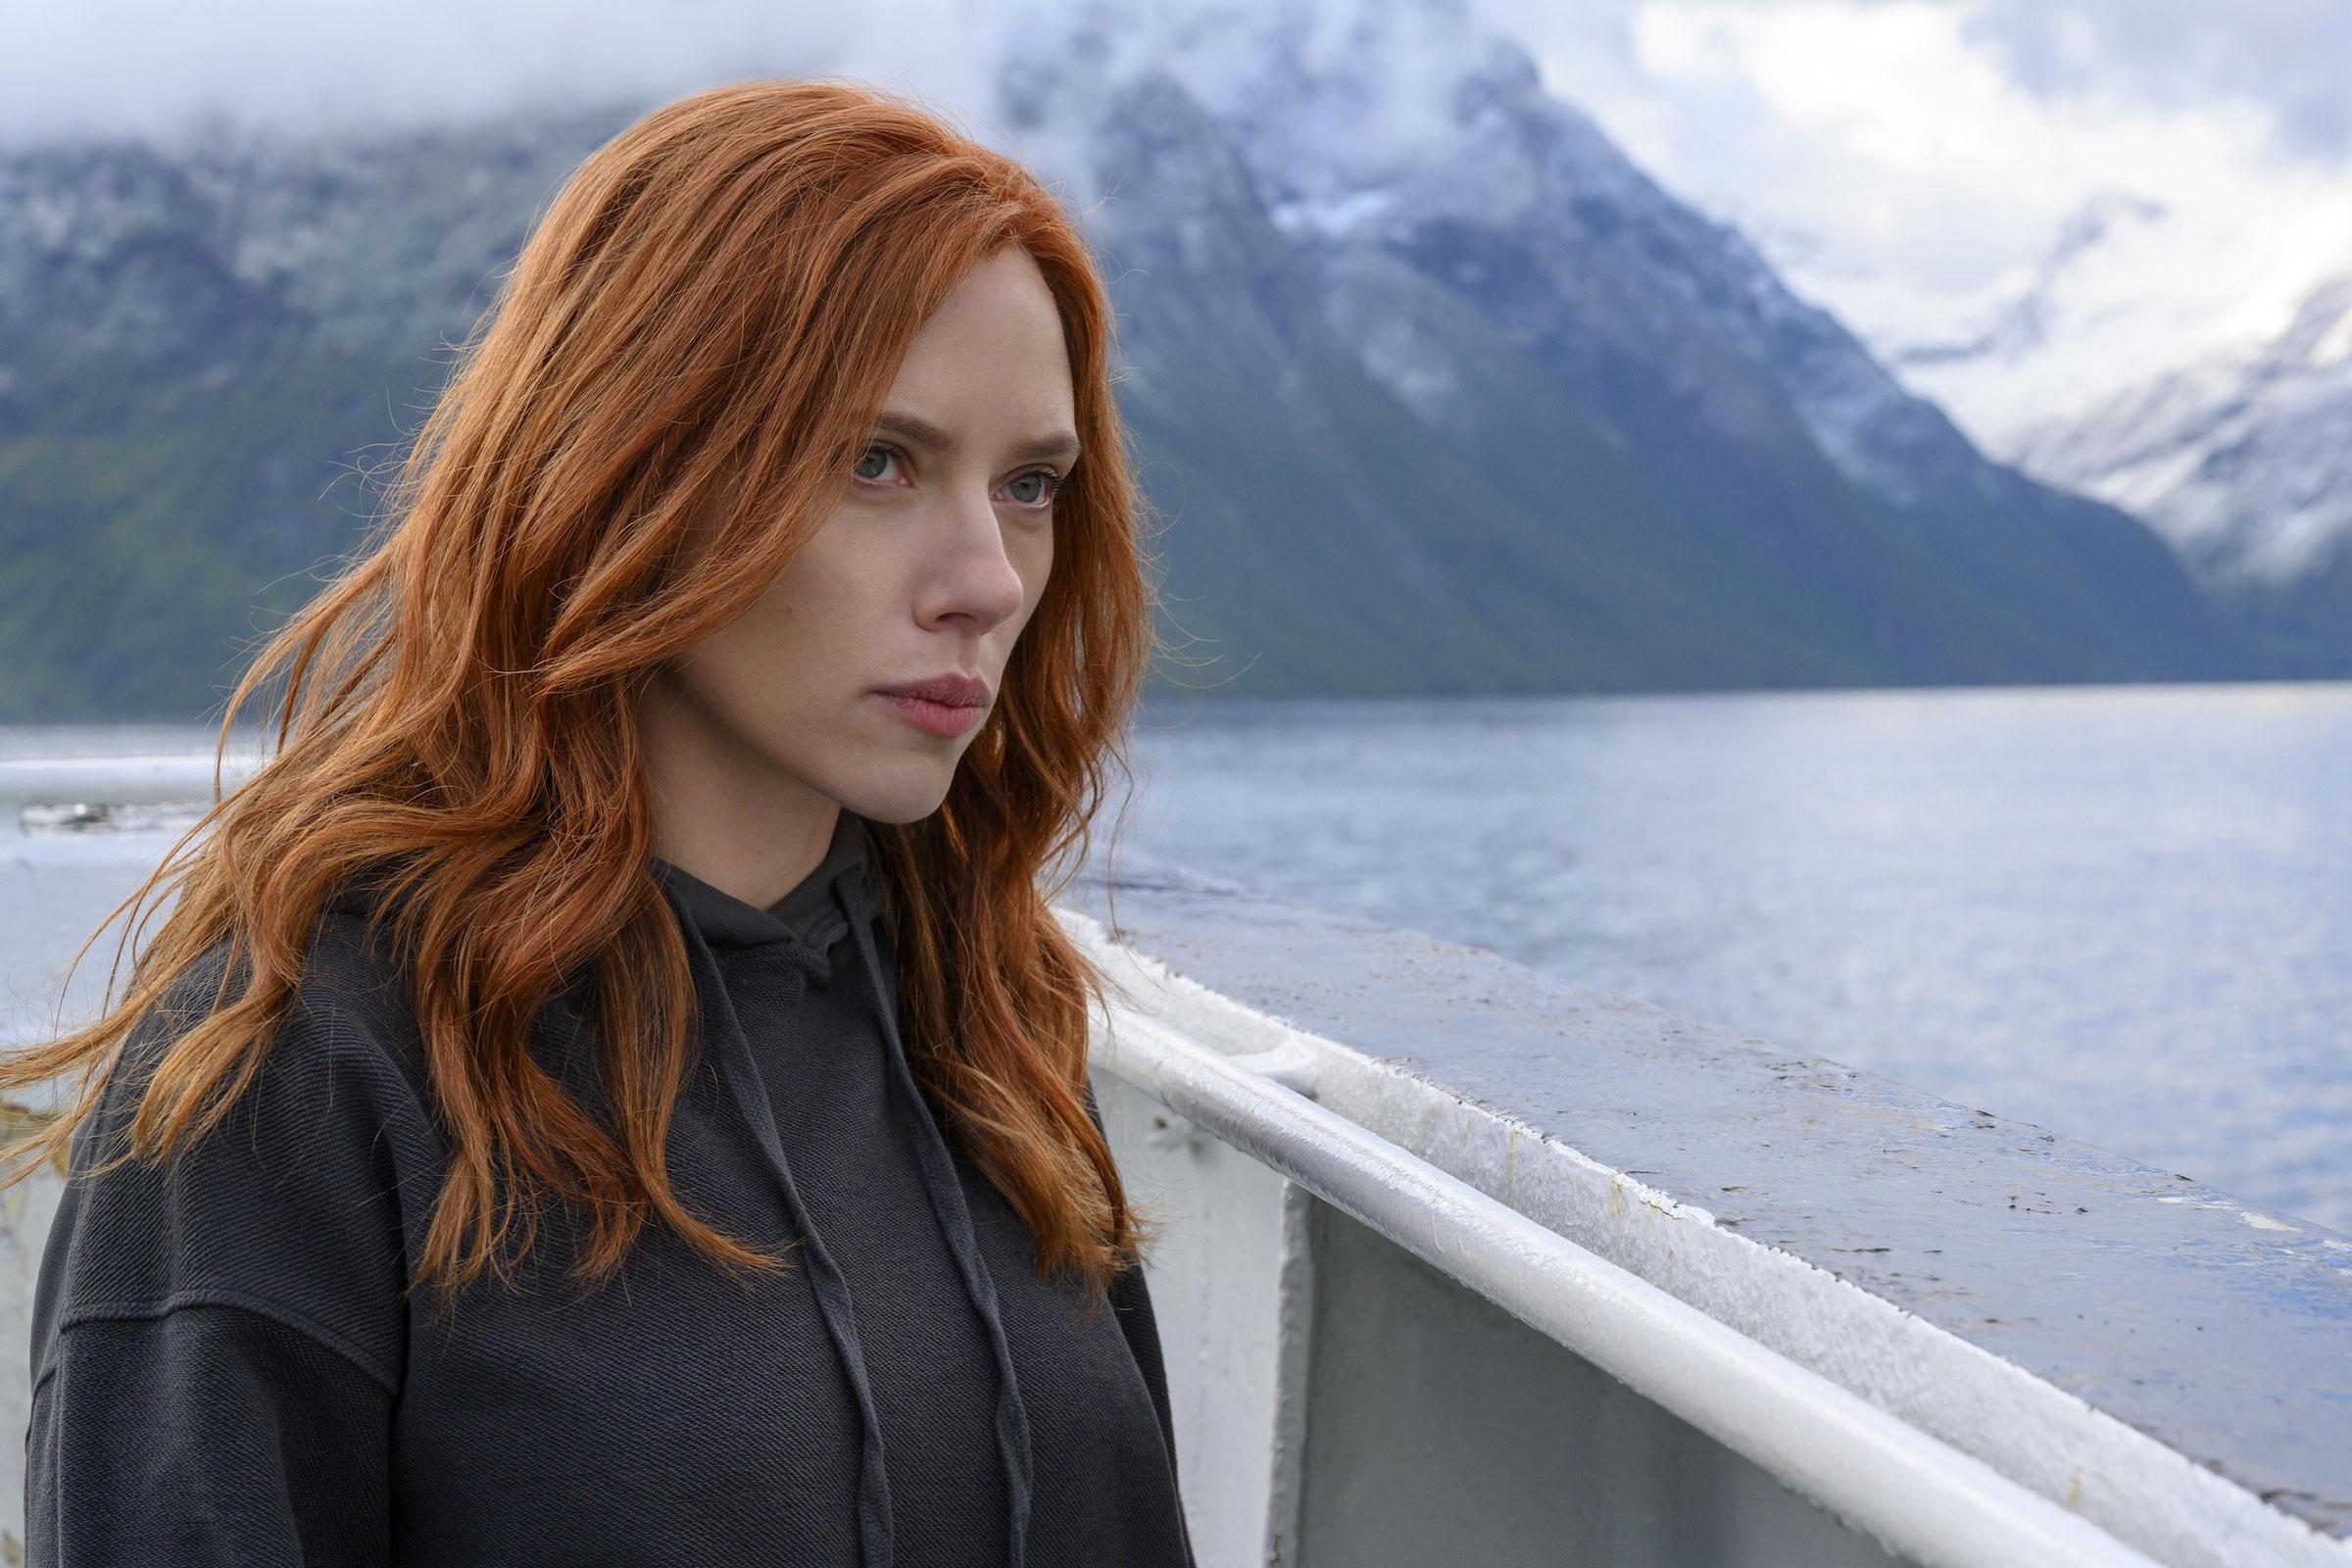 Still from the film Black Widow.